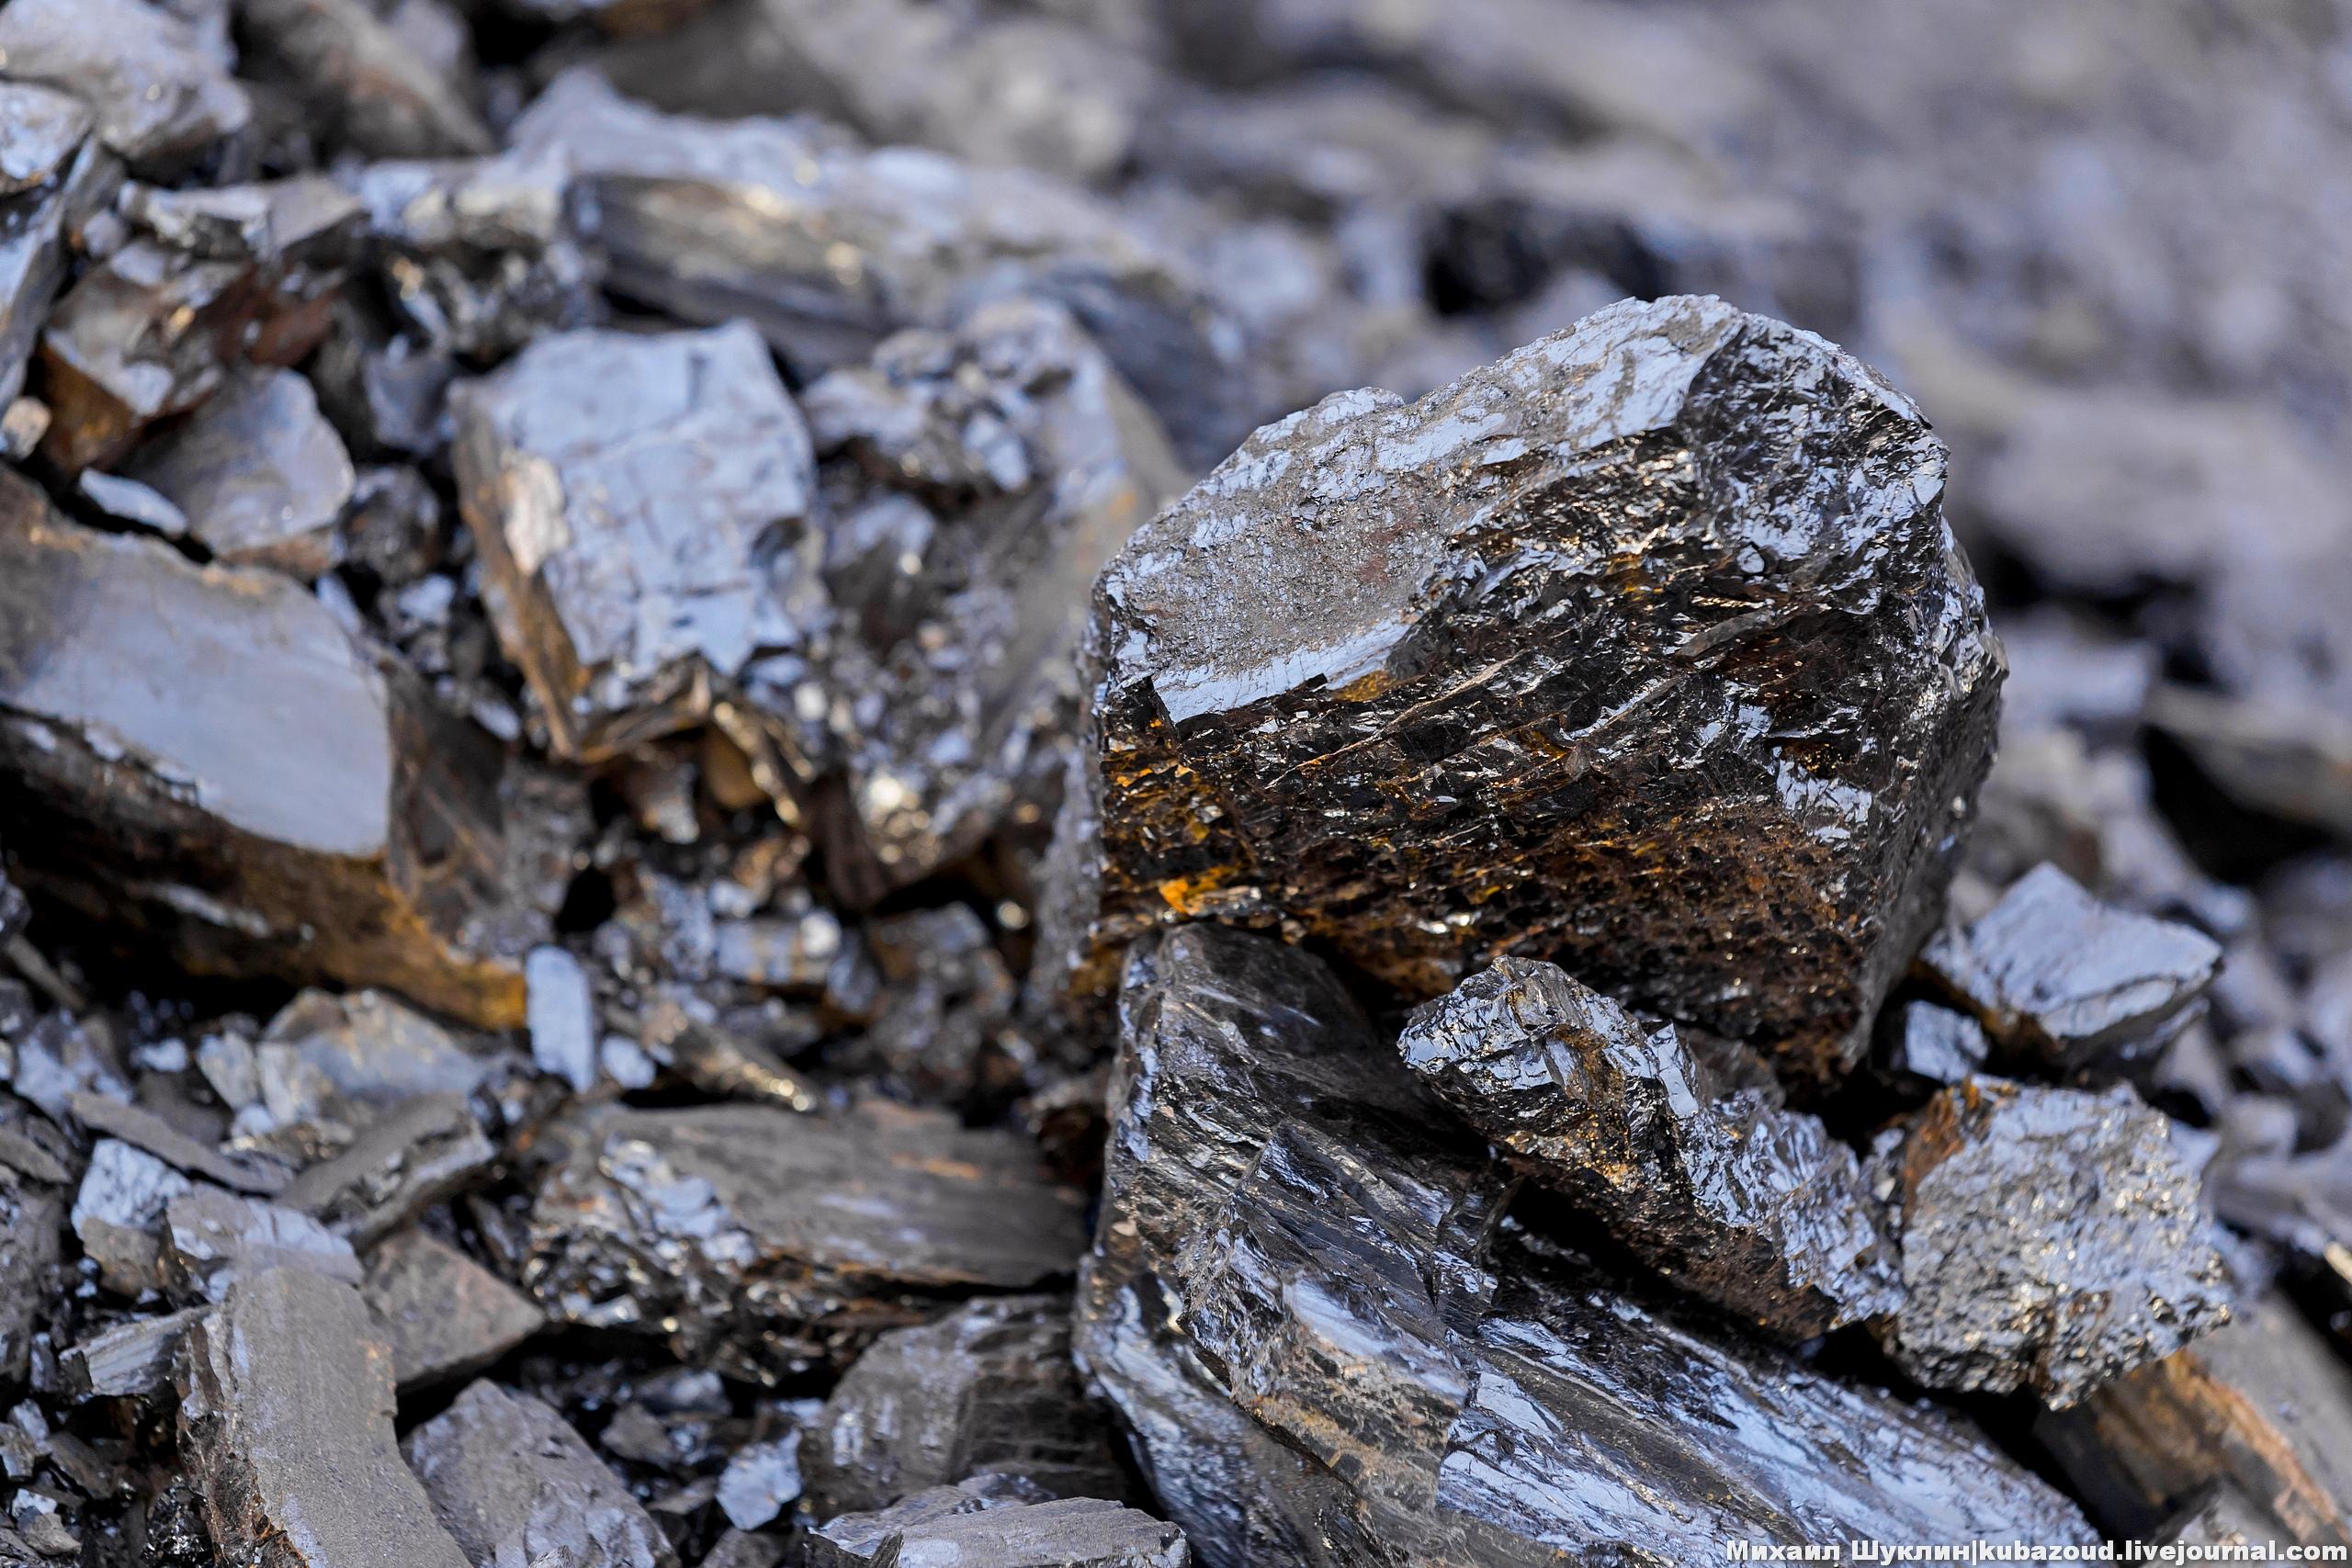 """Зимой 2019 года я второй раз побывал на двух разрезах компании """"Русский уголь"""". В этом посте речь пойдет об угле и его добыче на разрезе Саяно-Партизанский. Этот разрез примечателен тем, что это единственное место в Красноярском крае, где идет добыча каменного угля, обладающего высокой калорийностью."""